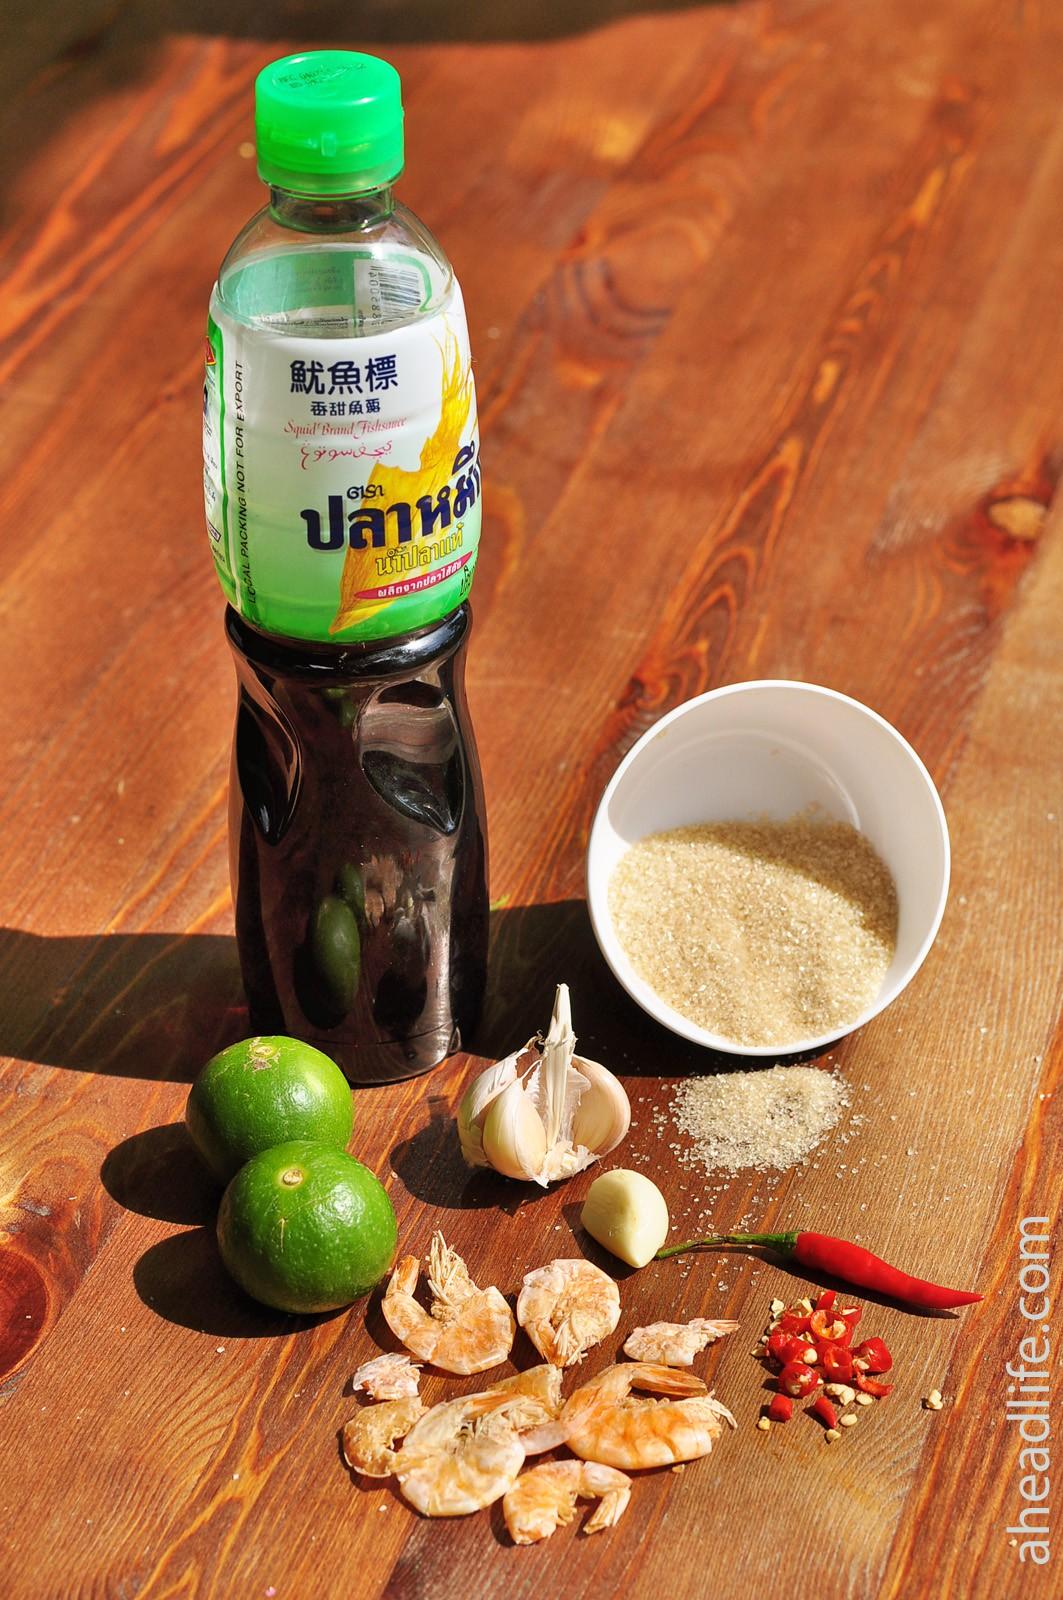 Салат из папайи Сам Том: ингредиенты для соуса